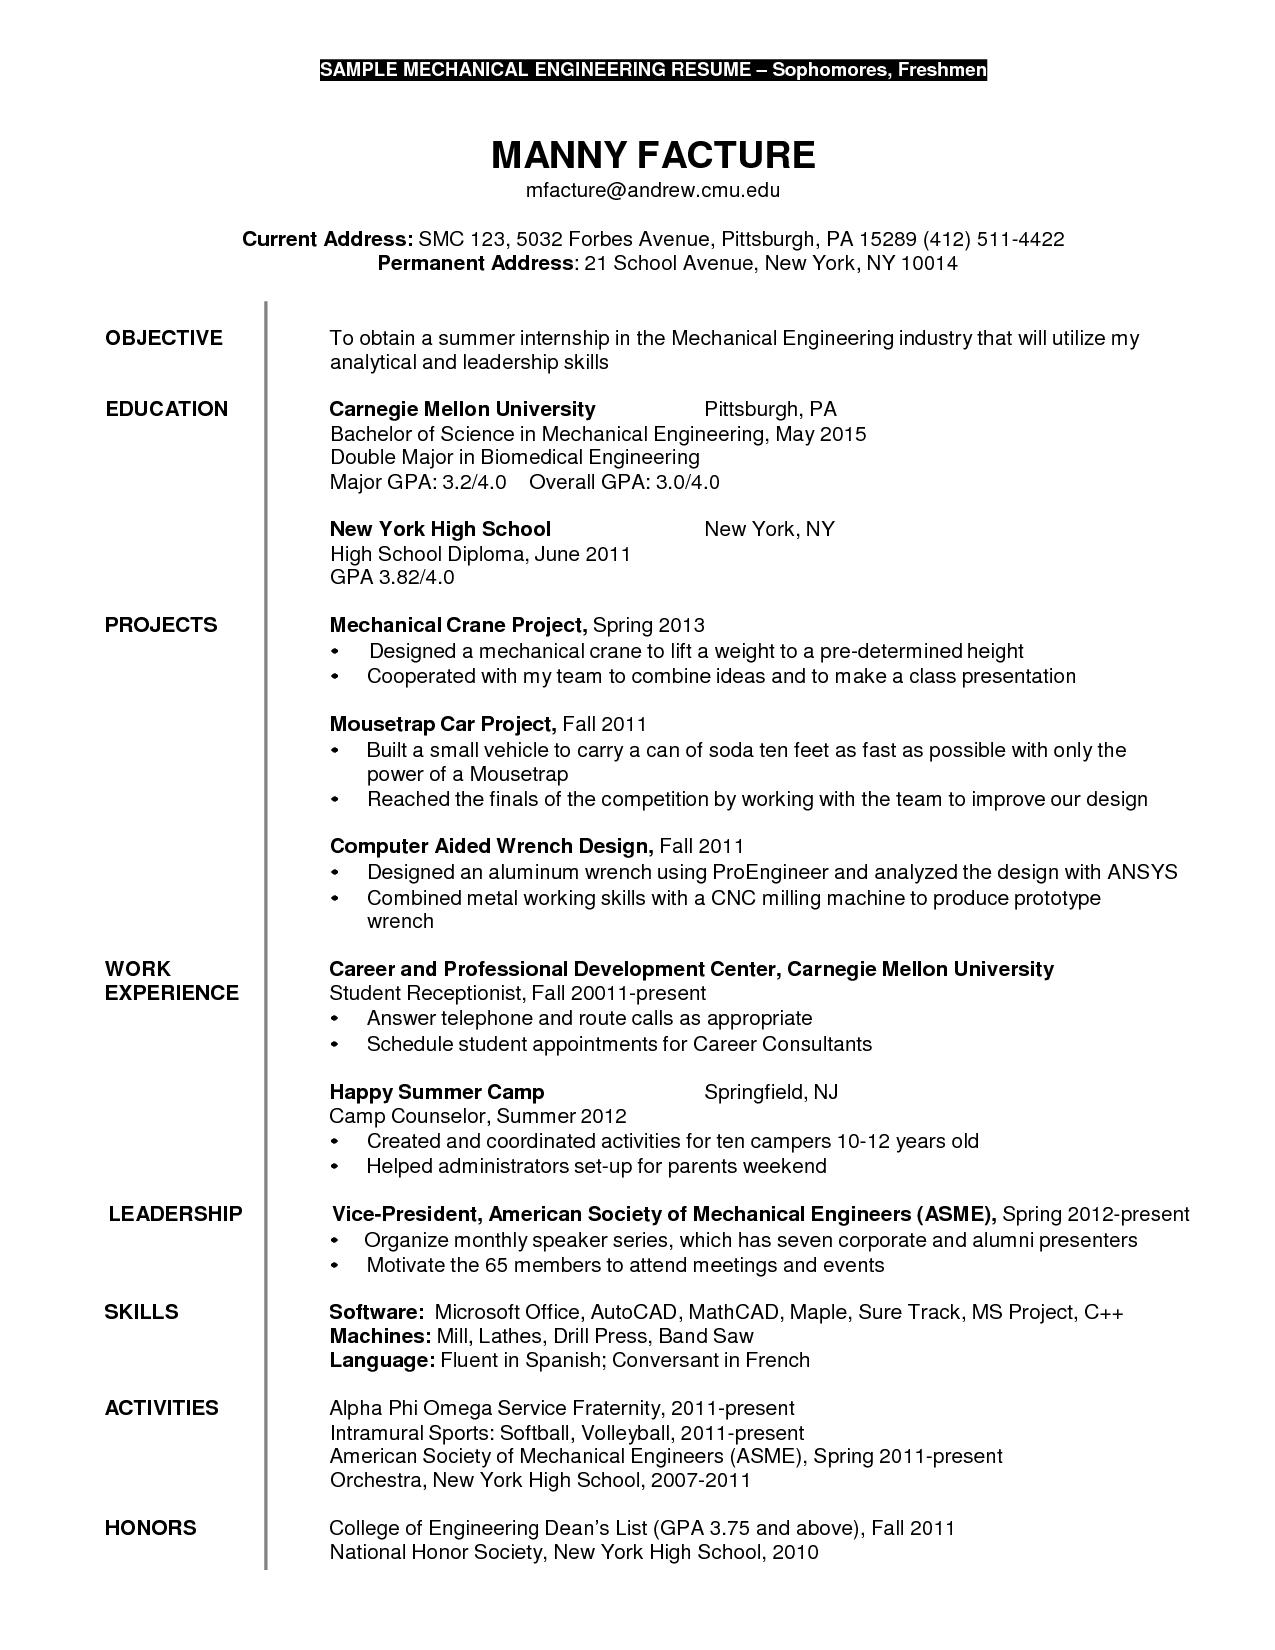 mechanical engineering internship resume sle sle